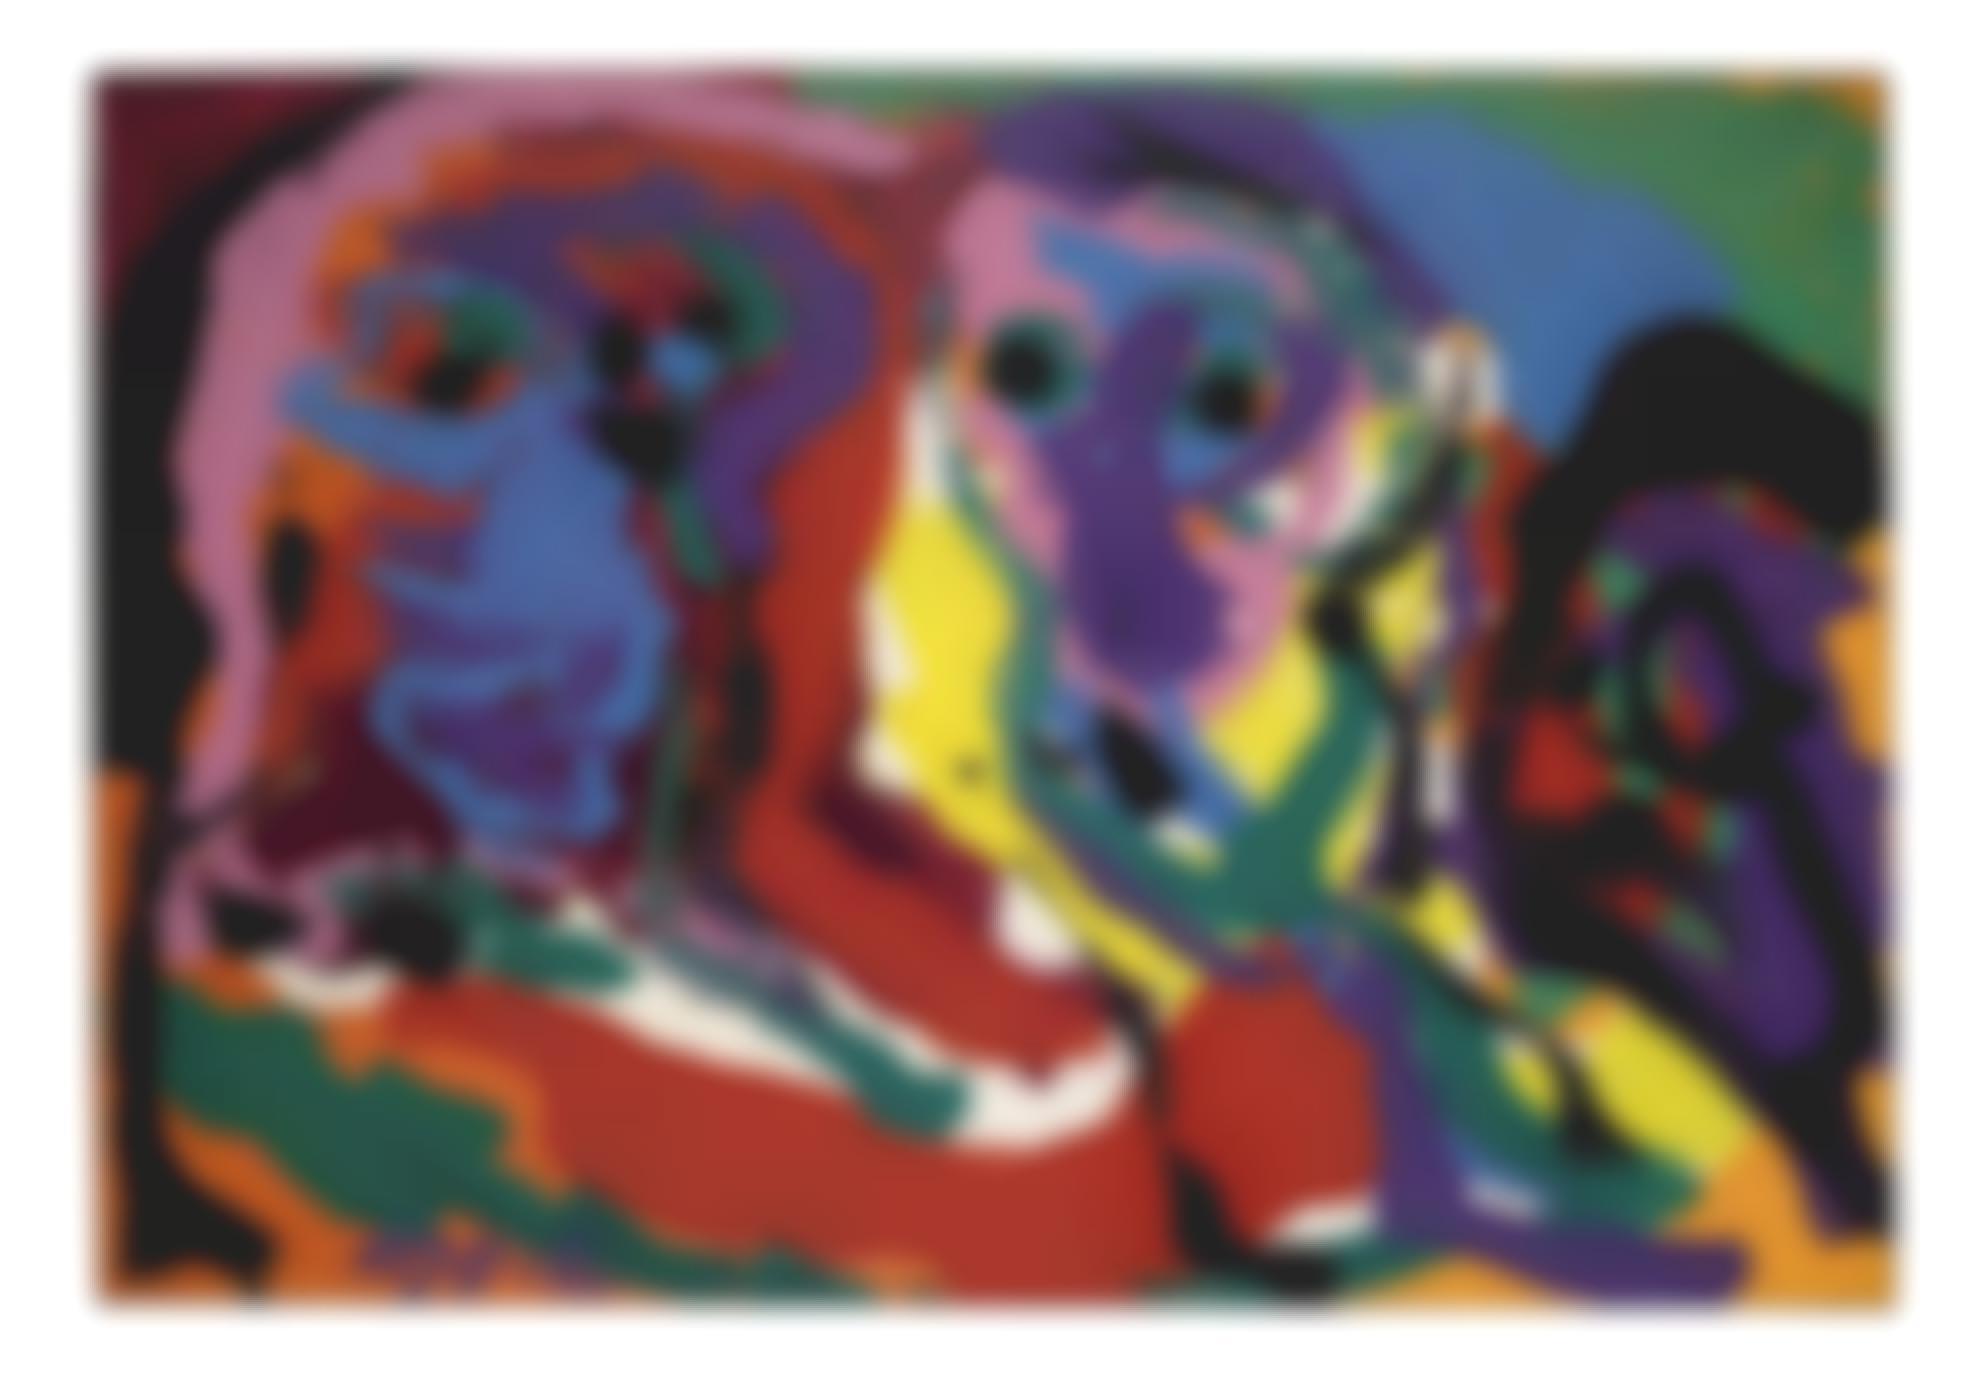 Karel Appel-Three Faces-1970